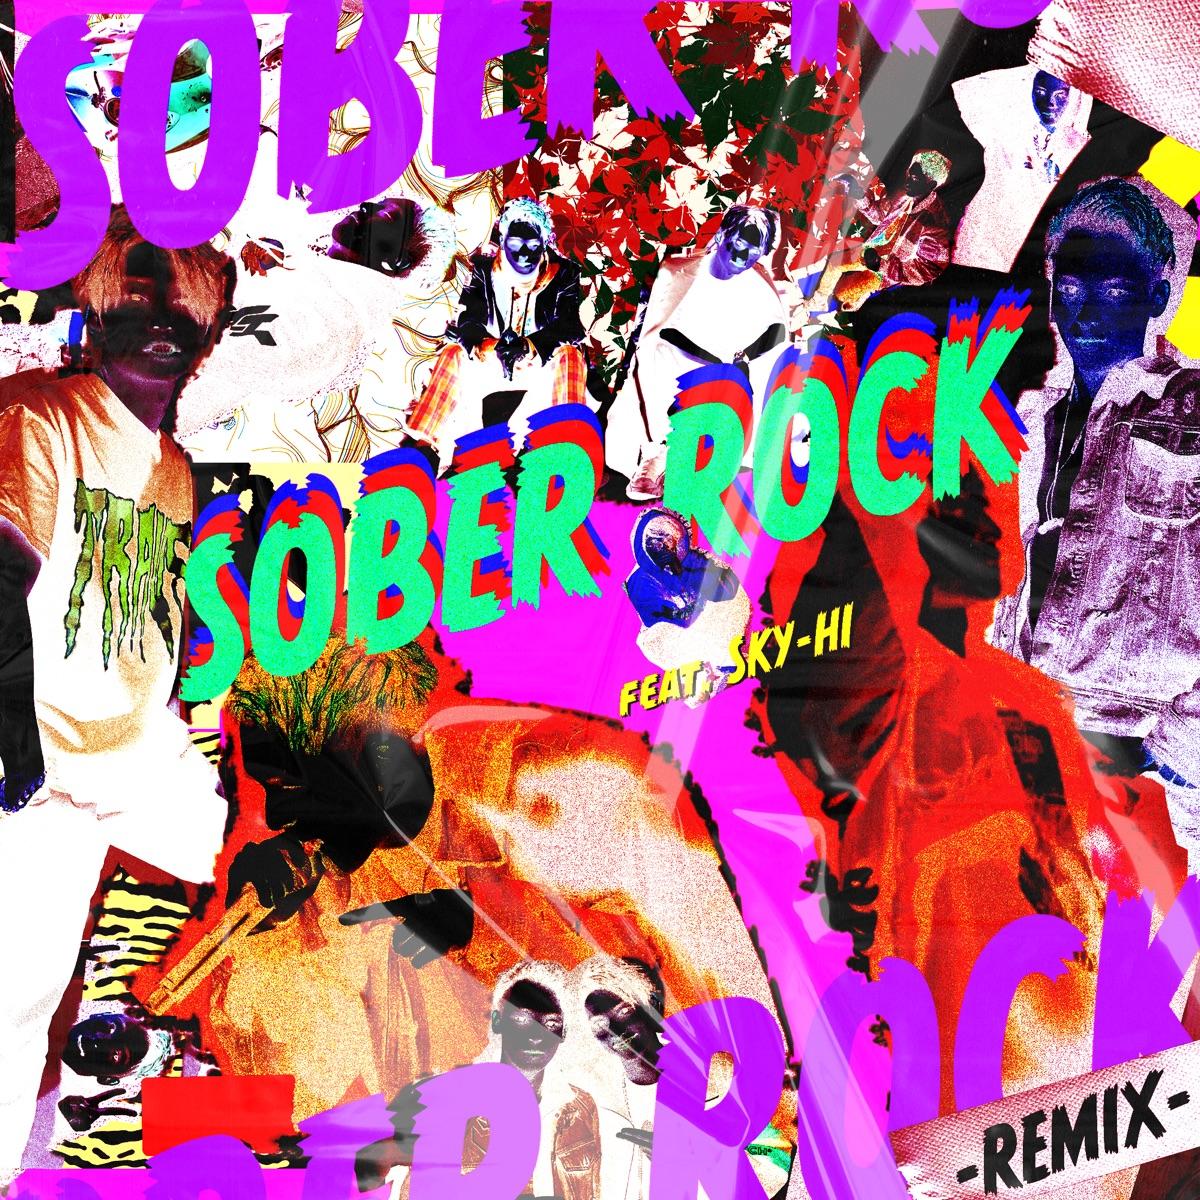 『Novel Core - SOBER ROCK -Remix- feat. SKY-HI』収録の『SOBER ROCK -Remix- feat. SKY-HI』ジャケット